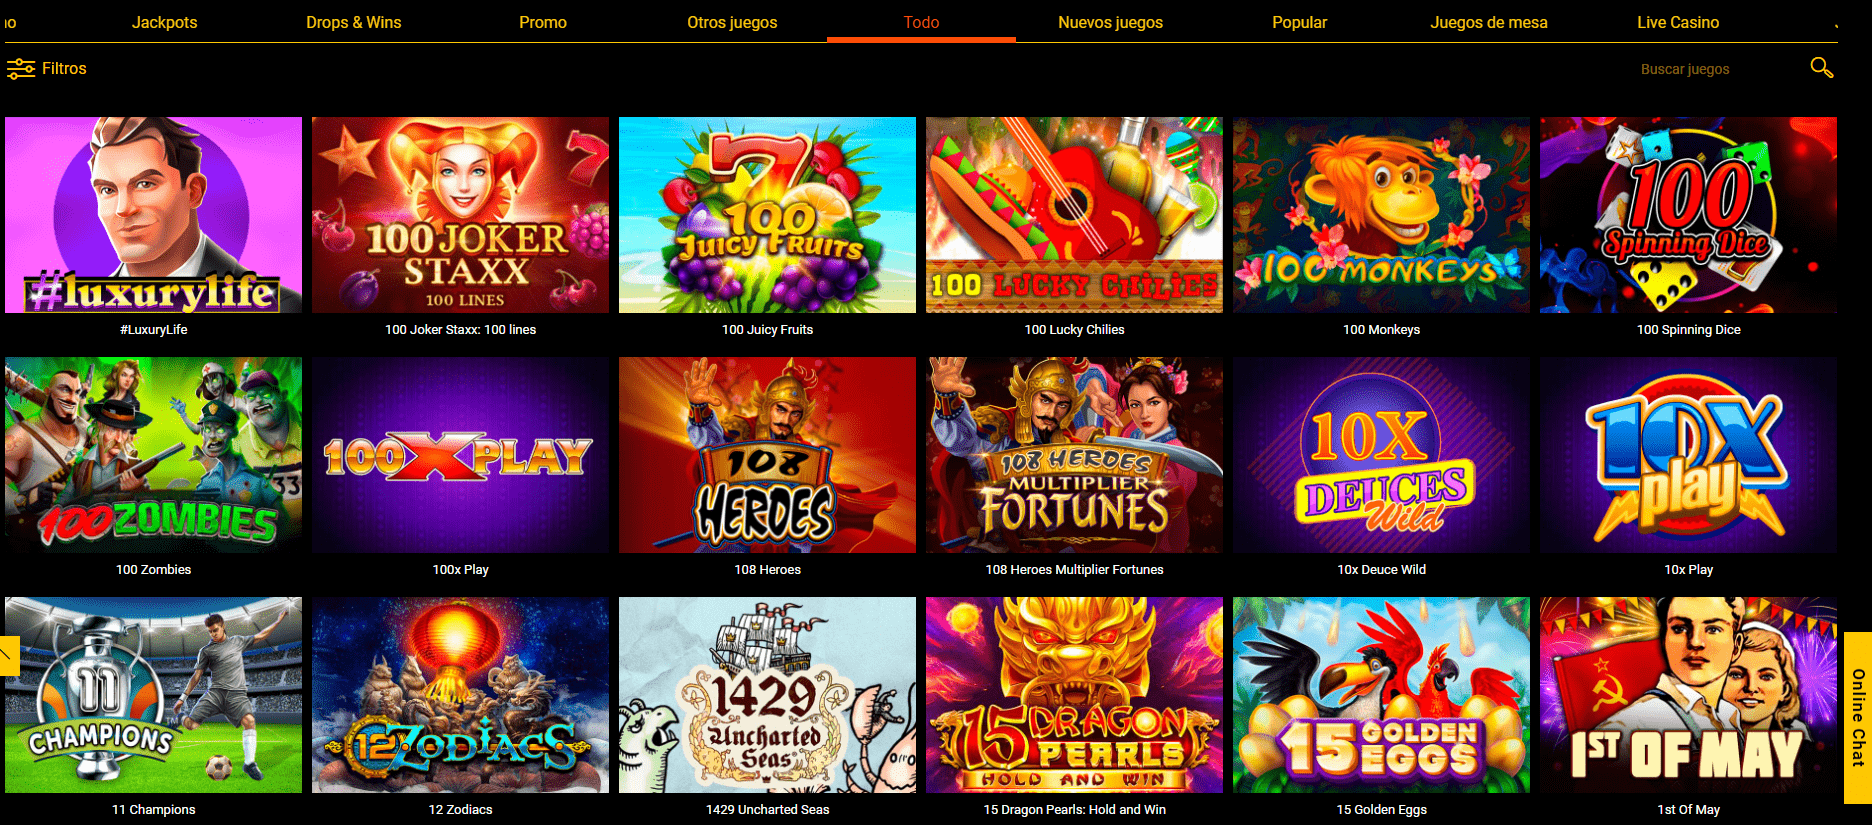 lista de juegos spinamba casino